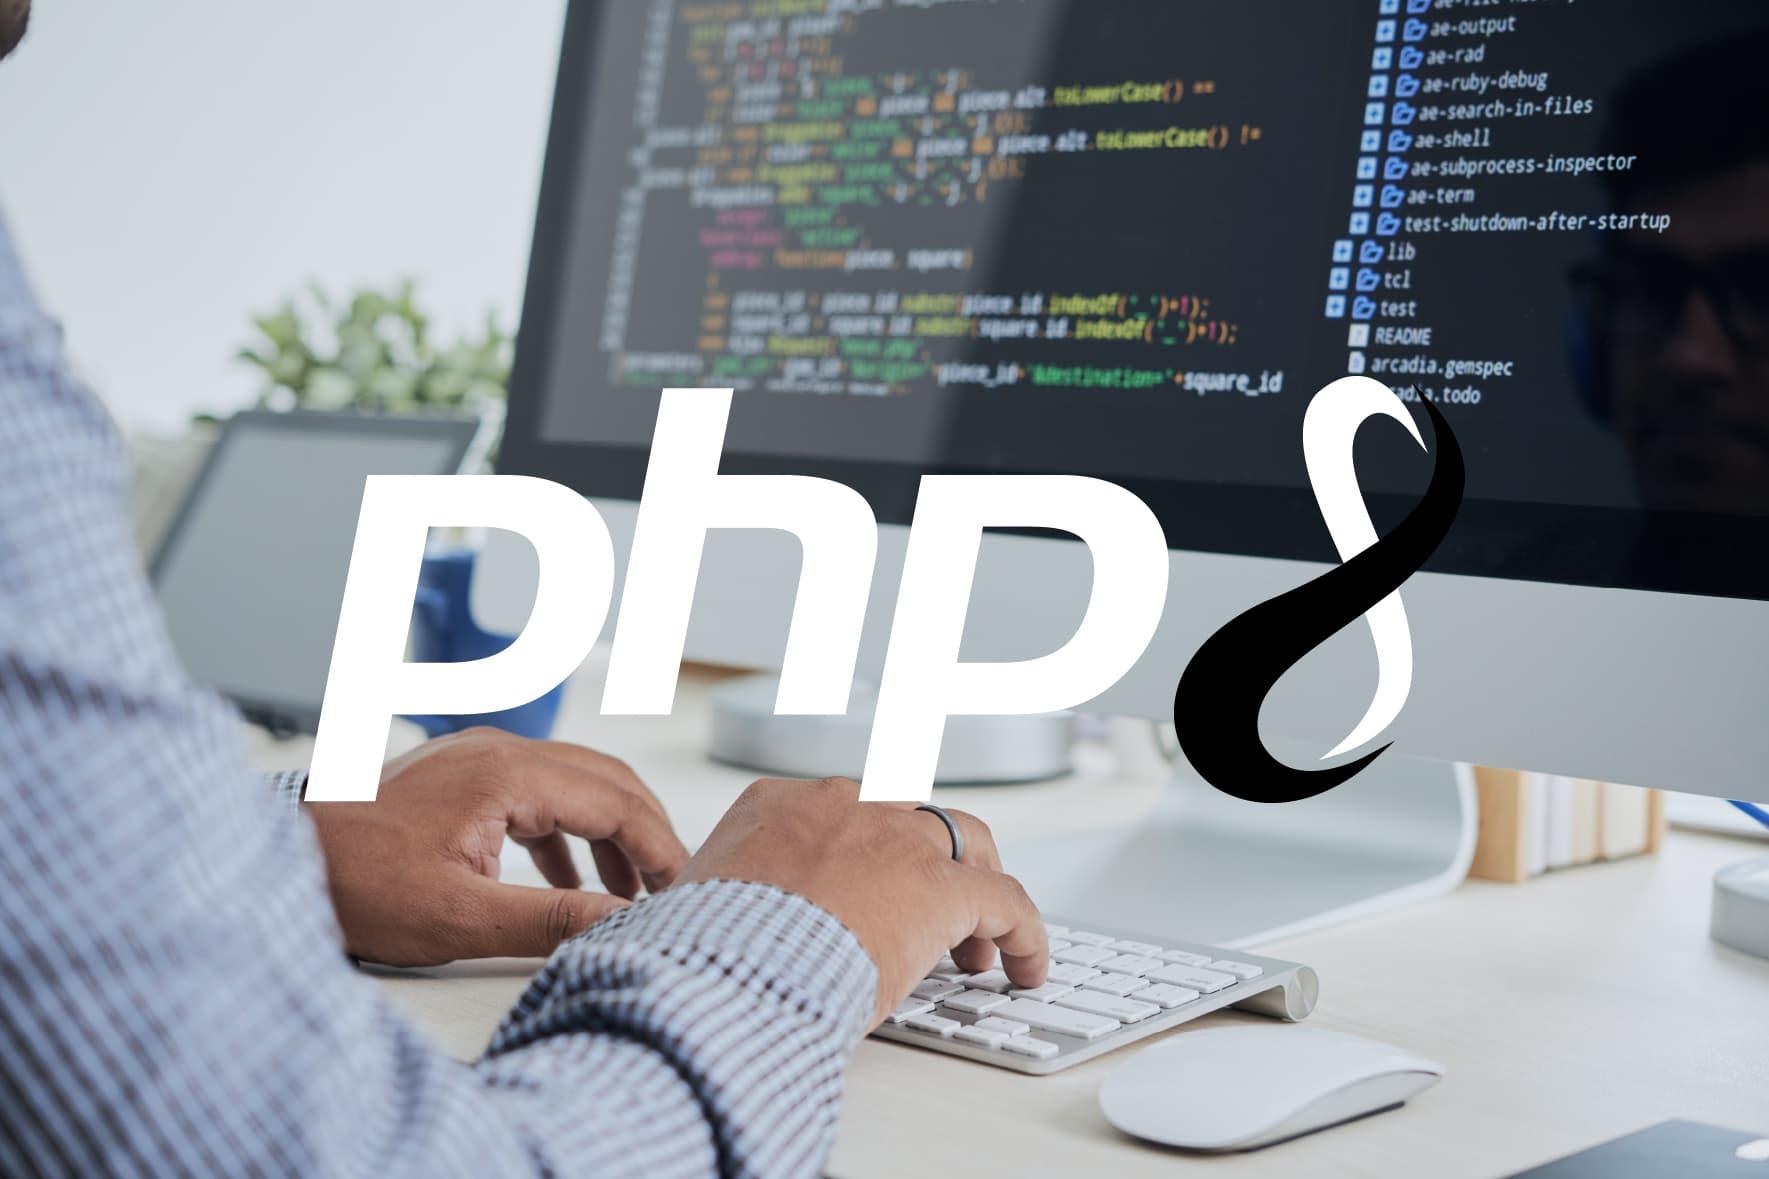 Ya está disponible PHP 8 con numerosas novedades!